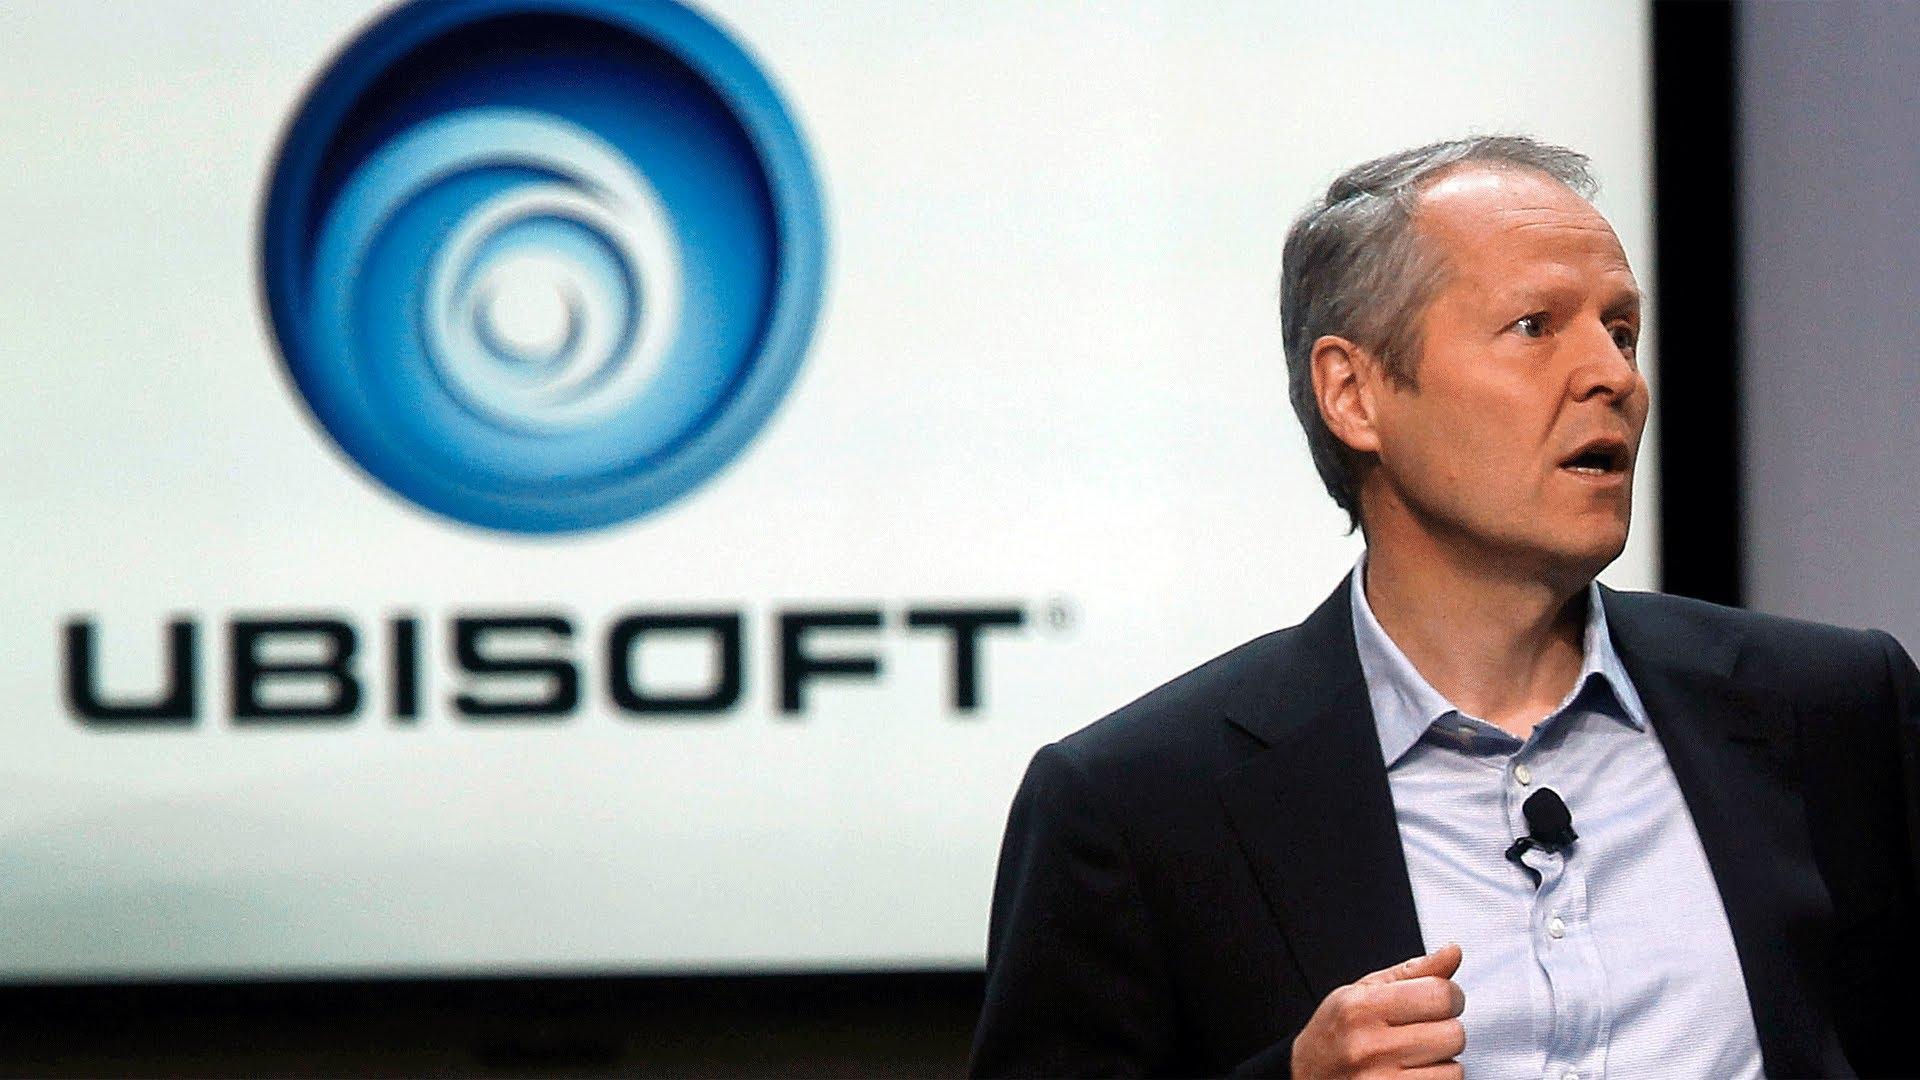 رئیس یوبیسافت: Splinter Cell در زمان مناسبی منتشر خواهد شد